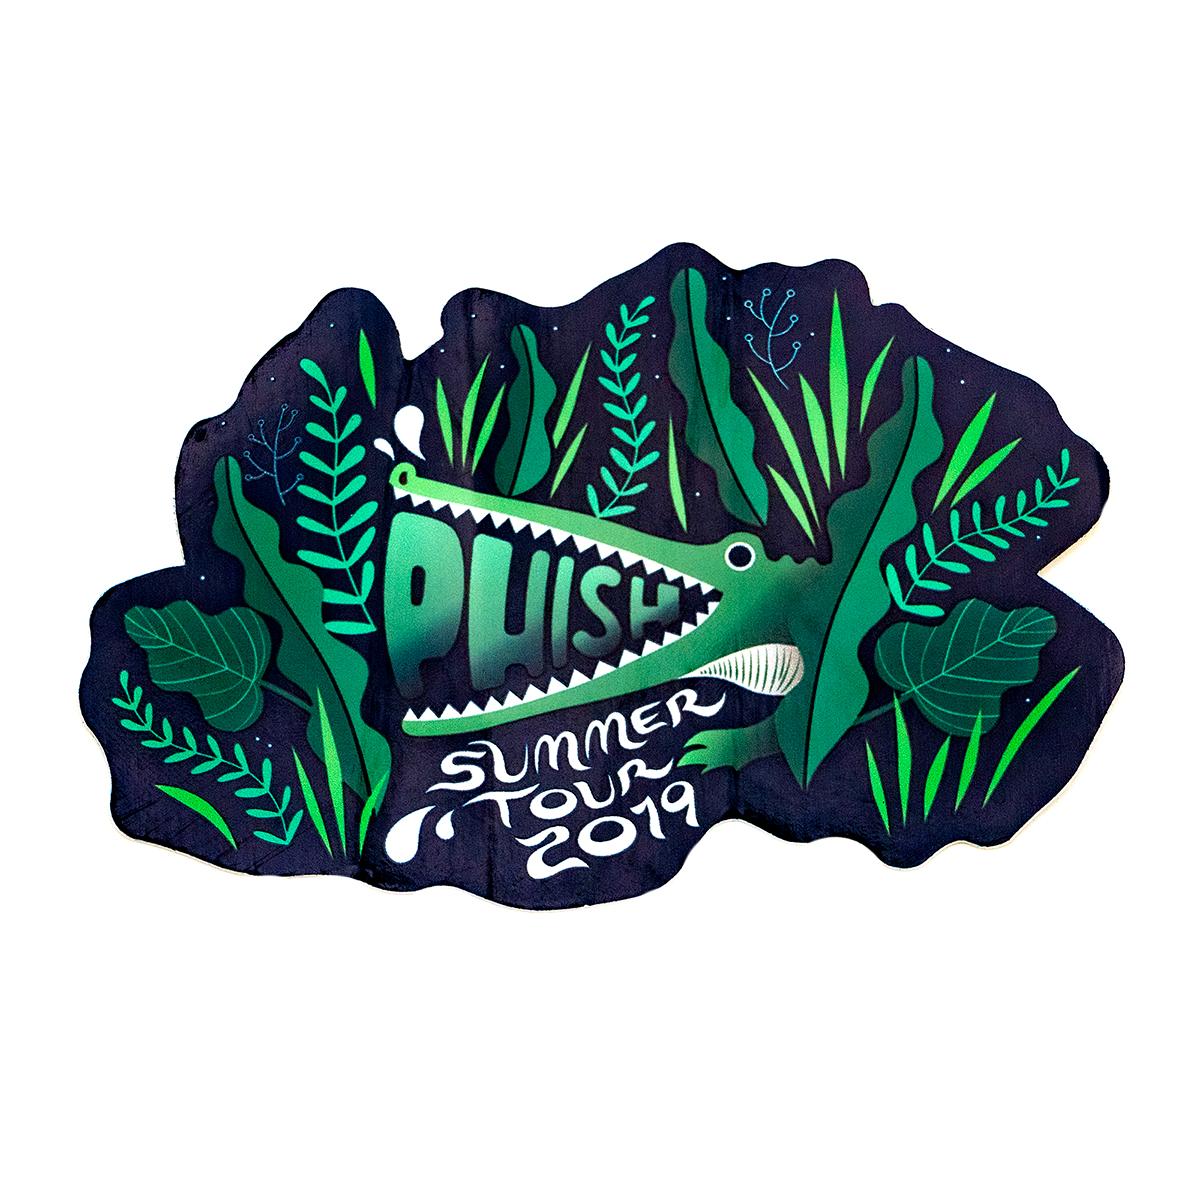 Summer Swampy Tour Sticker